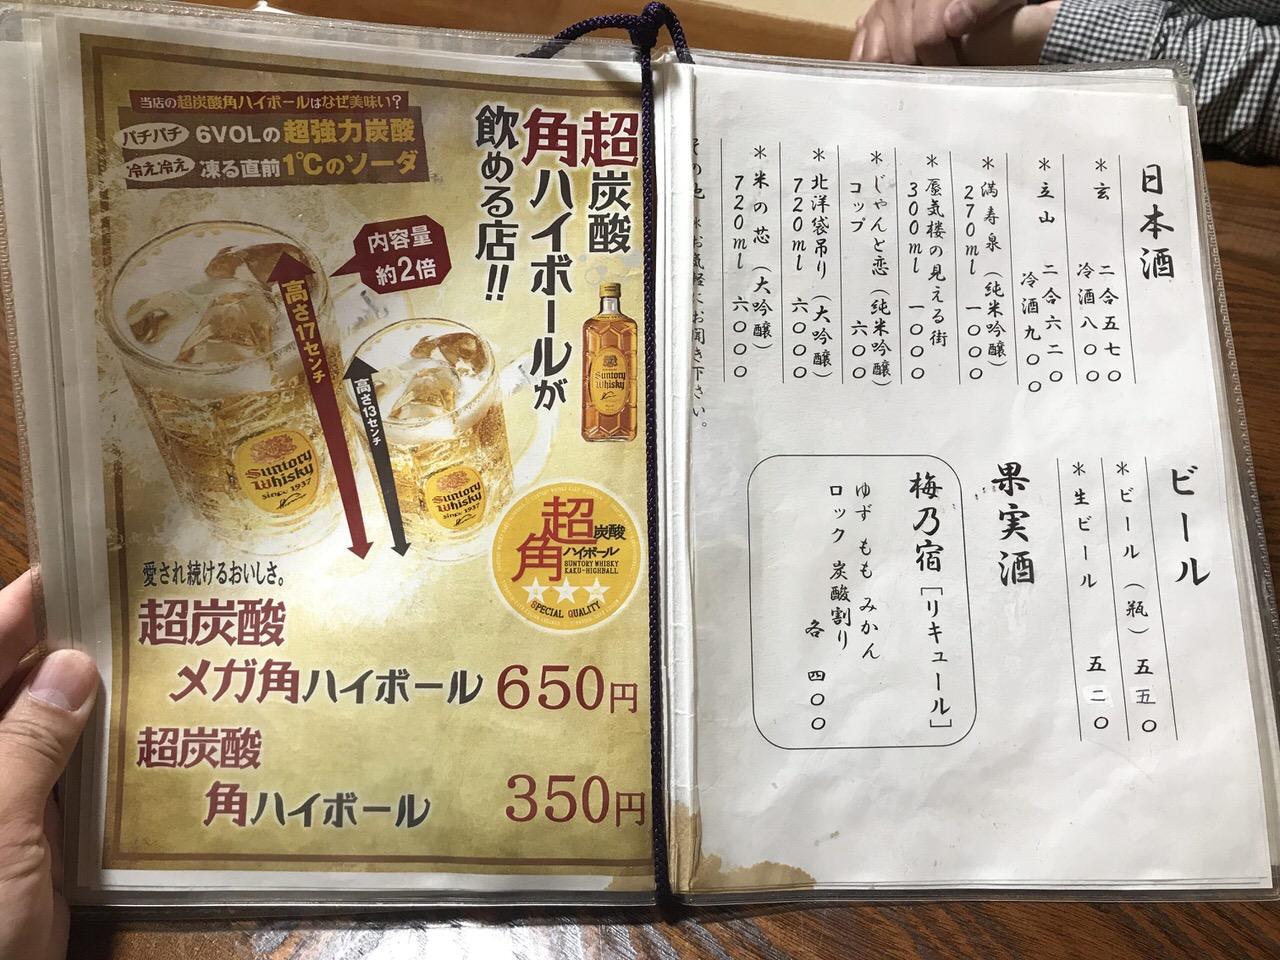 小政寿司 魚津 メニュー 2